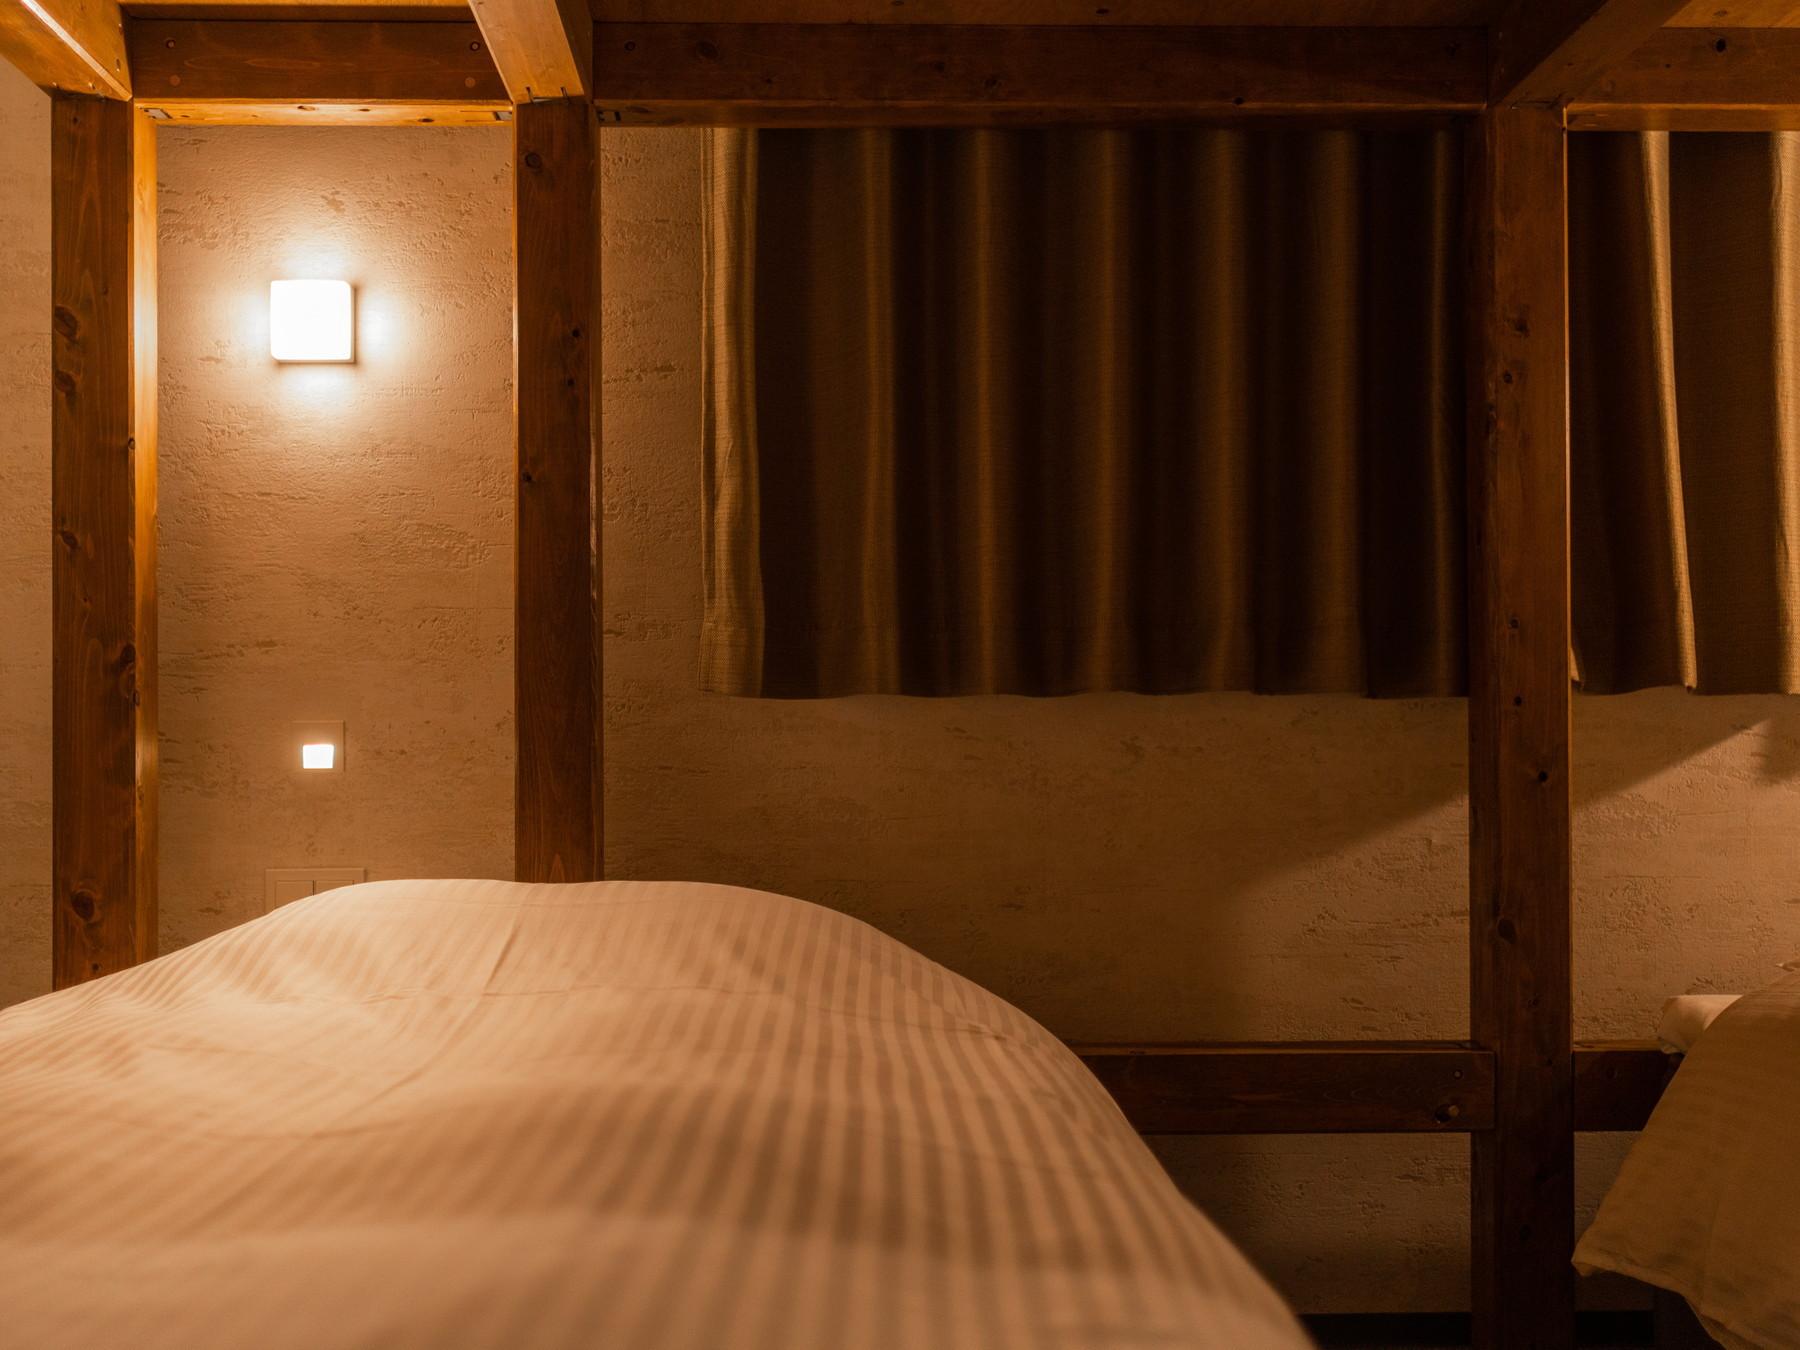 ふんわりきれいな寝具で快適な眠りを